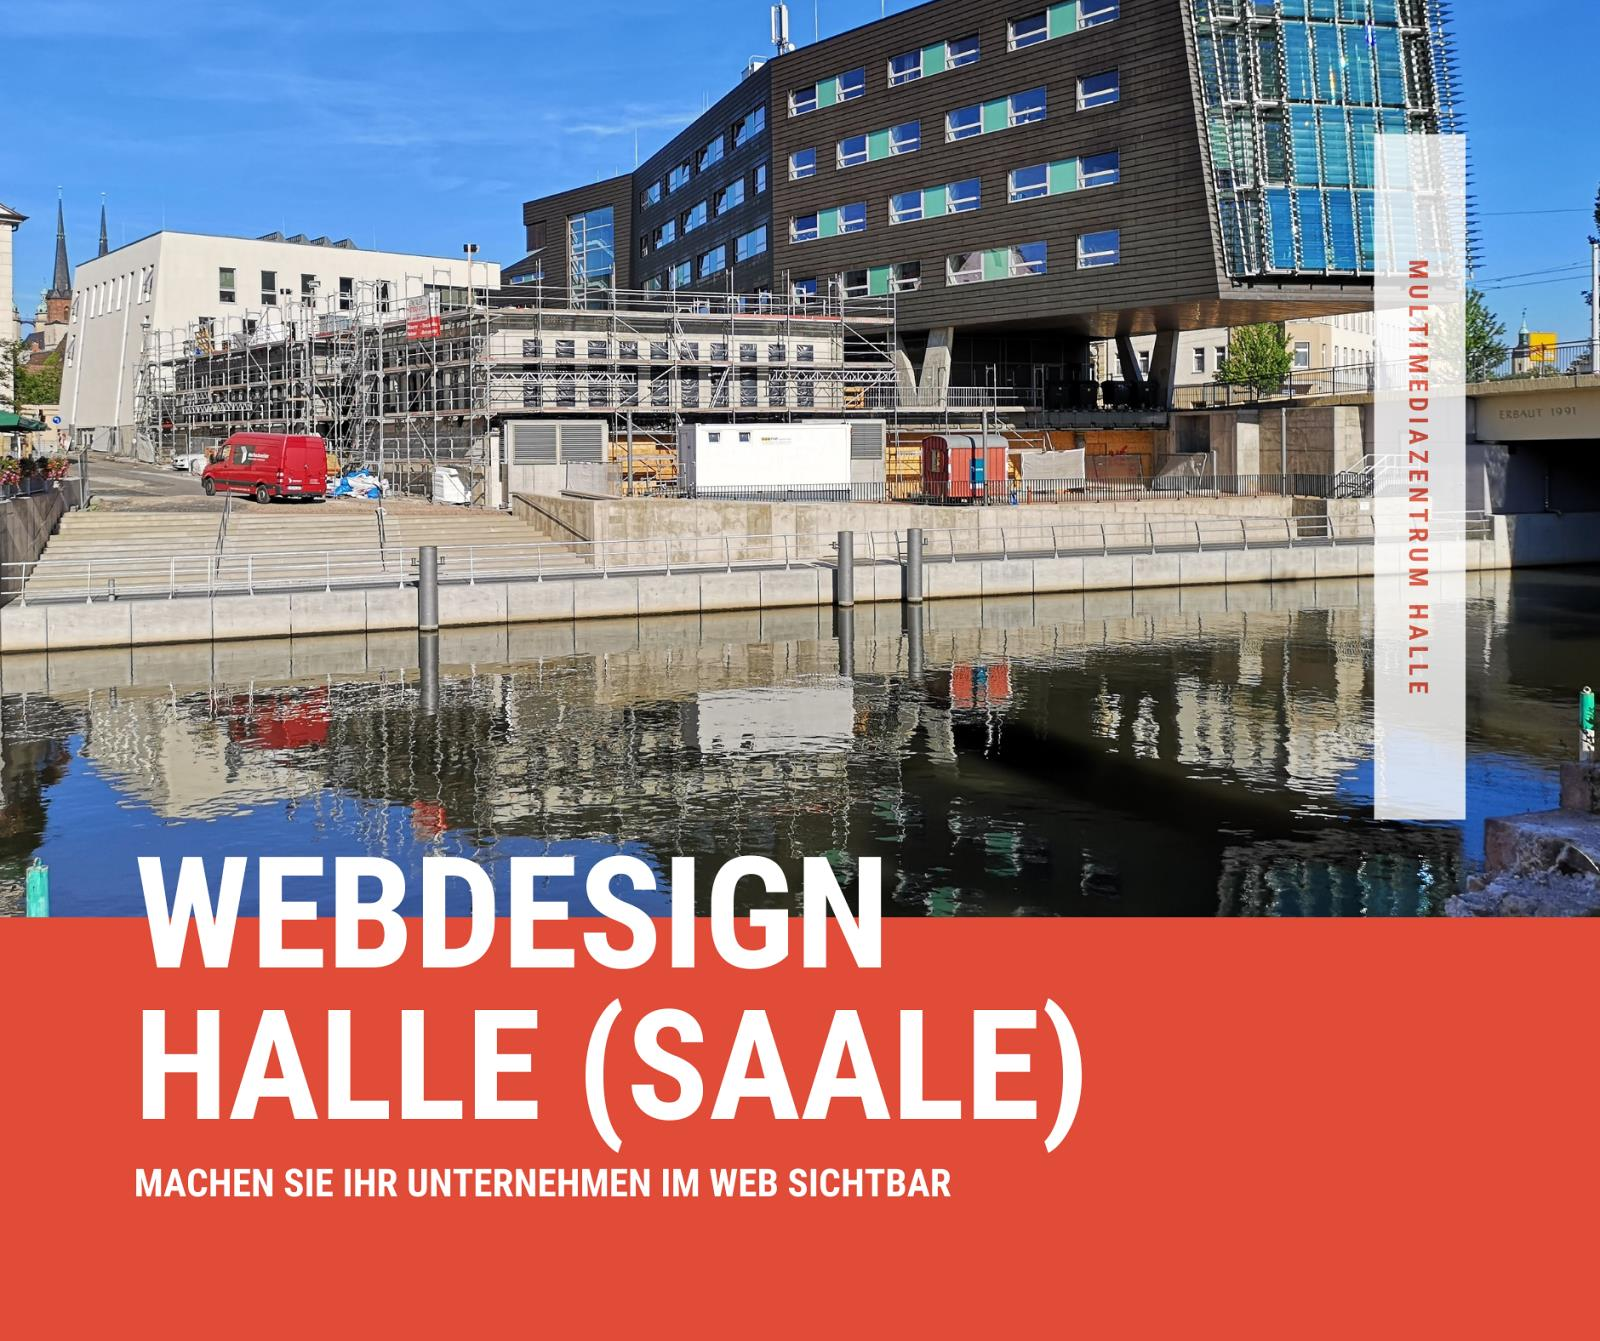 Webdesign Halle